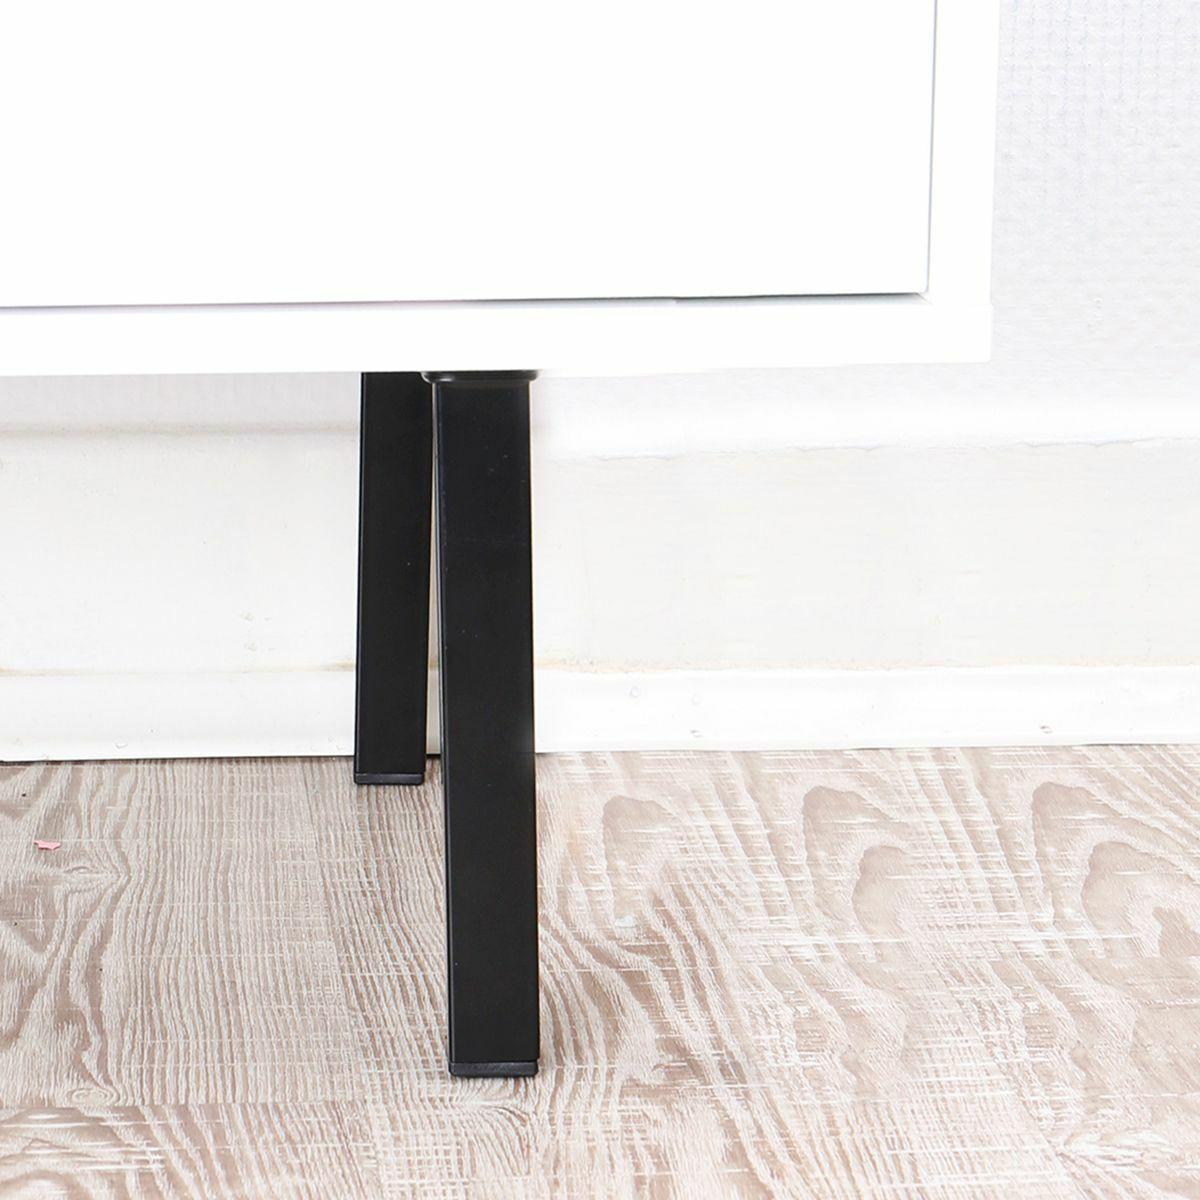 11101-00056= 4x Möbelfuß eckig H 700mm schwarz Elementsystem Tischbein Tischfuß